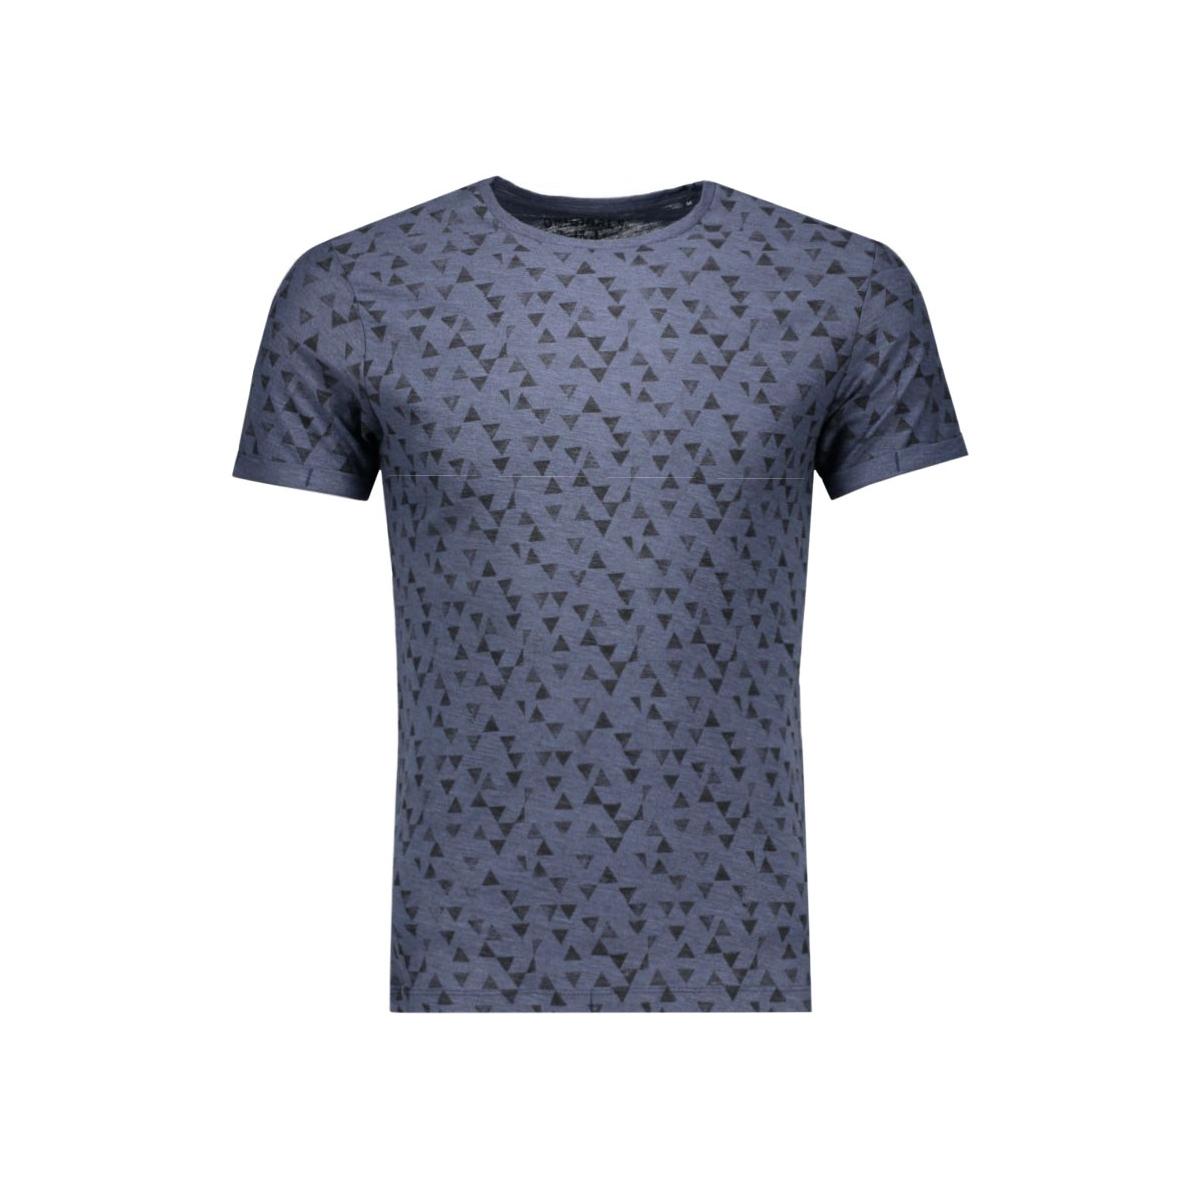 jorwater tee ss crew neck 12106990 jack & jones t-shirt navy blazer